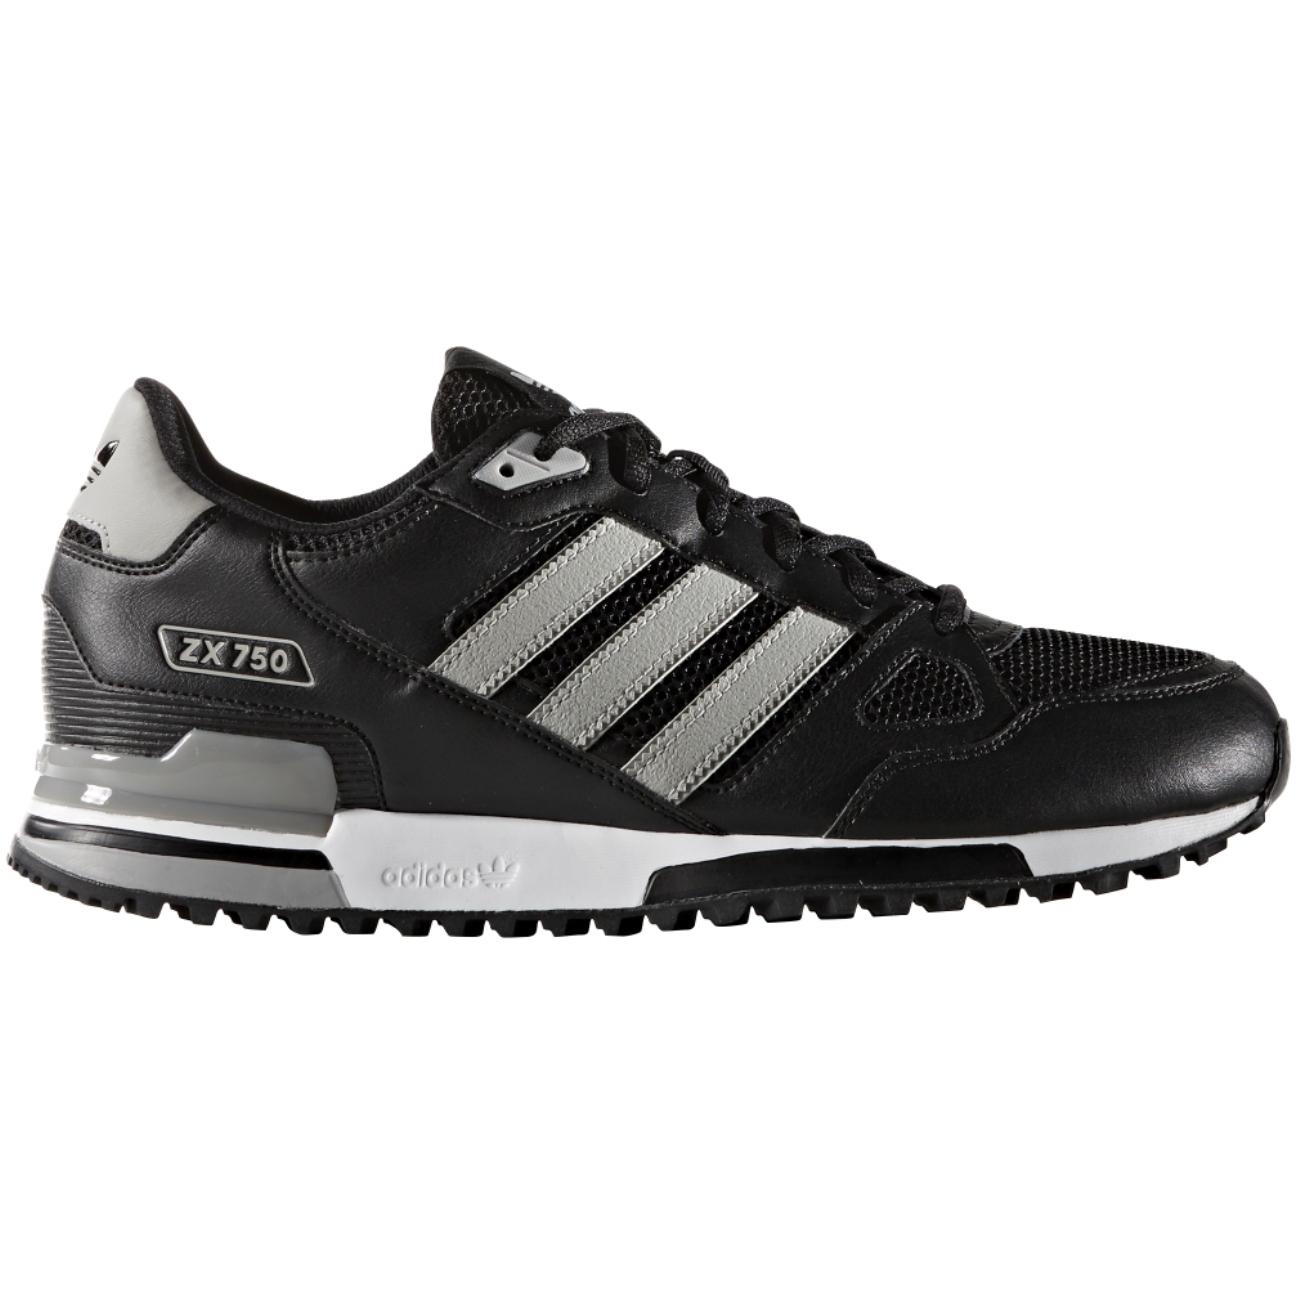 adidas turnschuhe zx